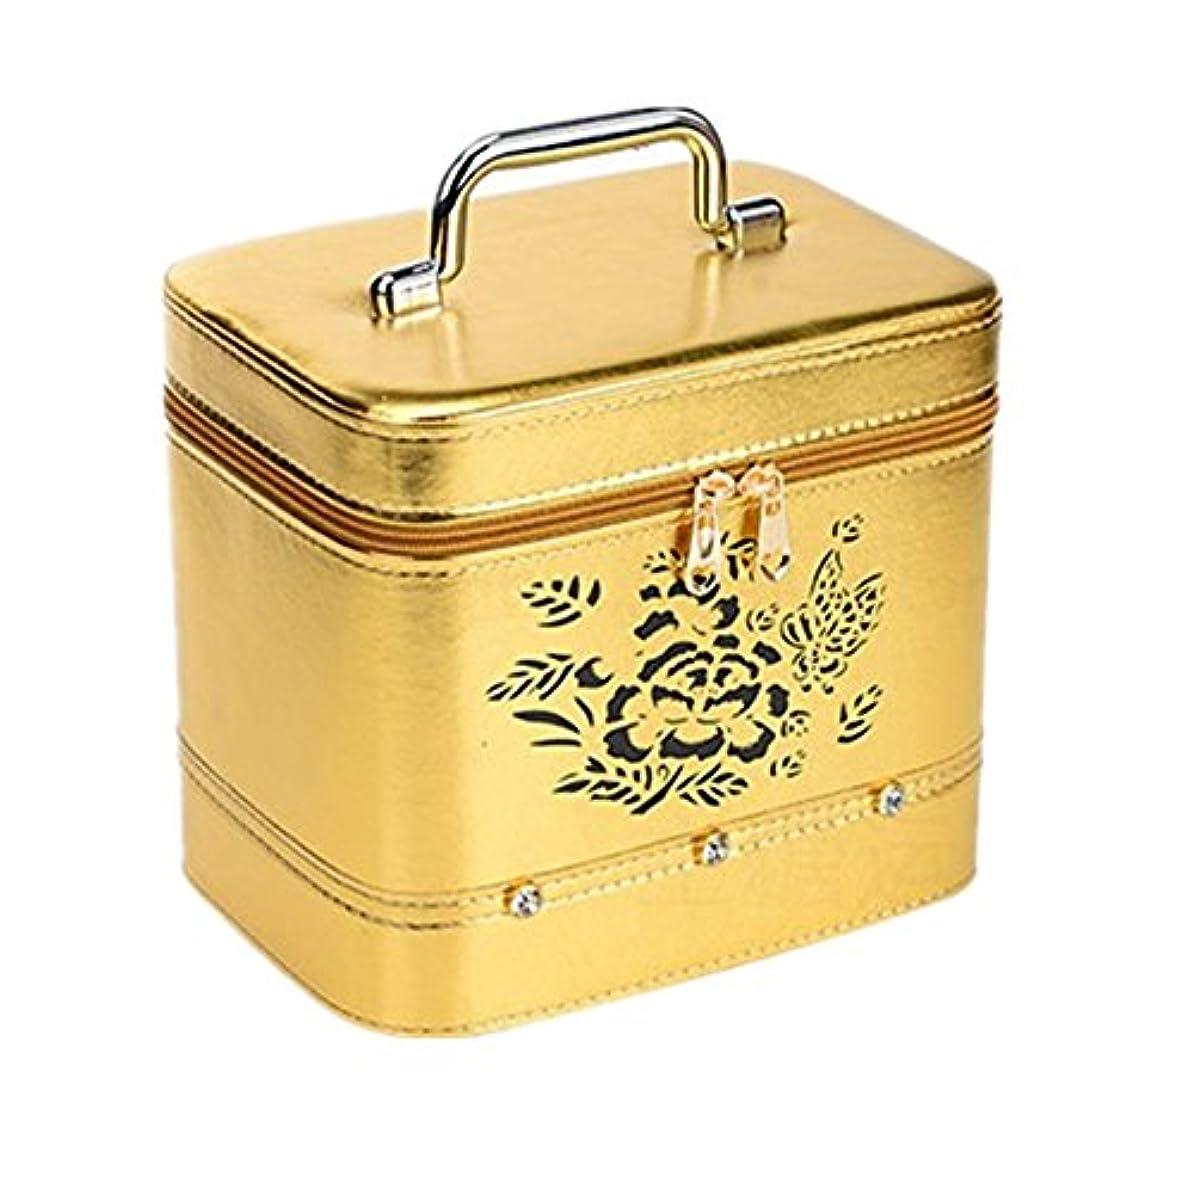 キャプテンブライ宮殿オートメーション化粧オーガナイザーバッグ ジッパーと化粧鏡で小さなものの種類の旅行のための美容メイクアップのためのポータブル化粧品バッグ 化粧品ケース